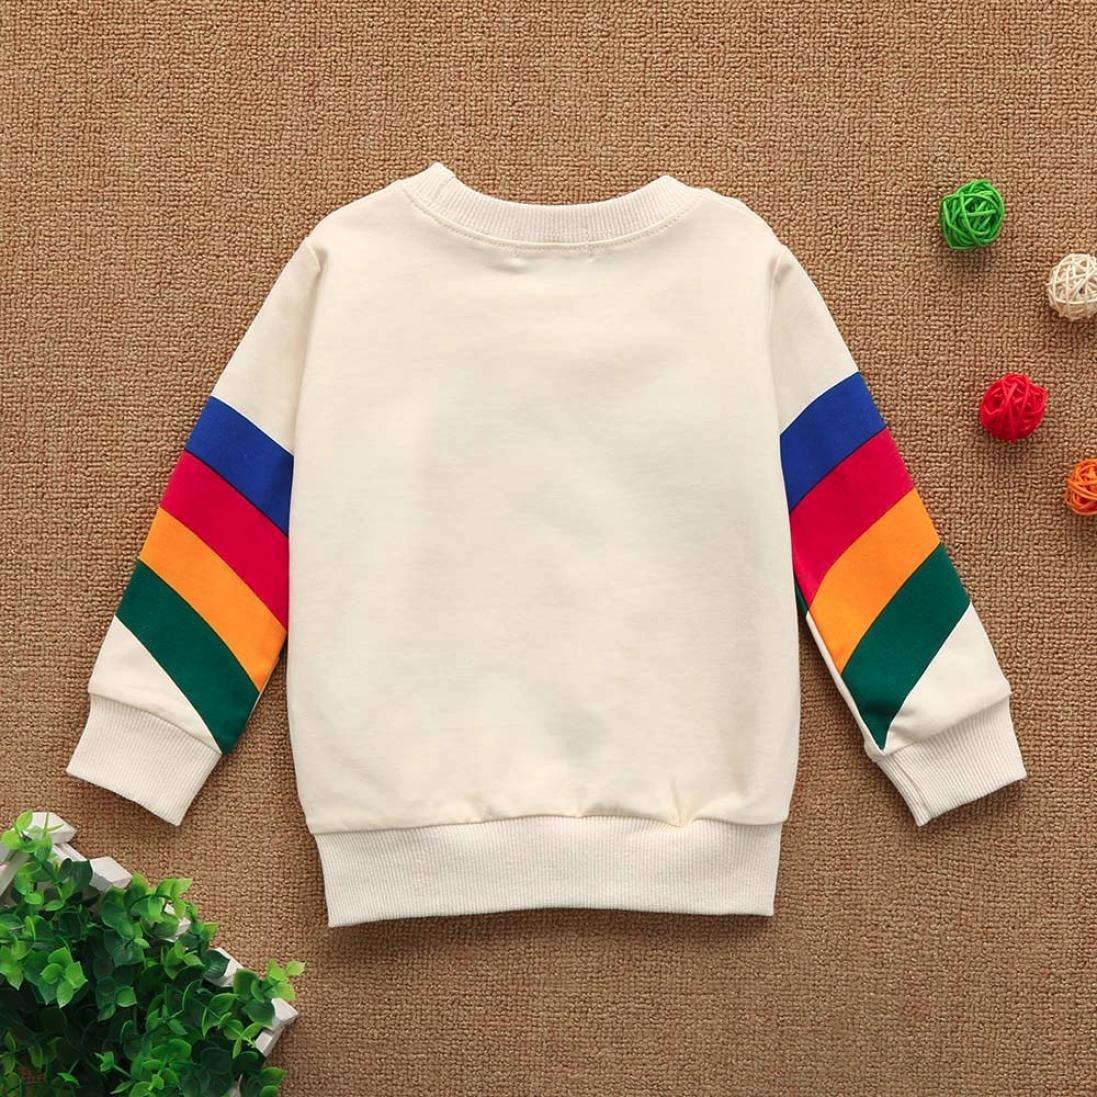 Yannerr Bebé niña nino Iris estampada cuello redondo camiseta tops sudadera vestido recién nacido manga larga blusa suéter chaqueta camisa falda mono partes ...